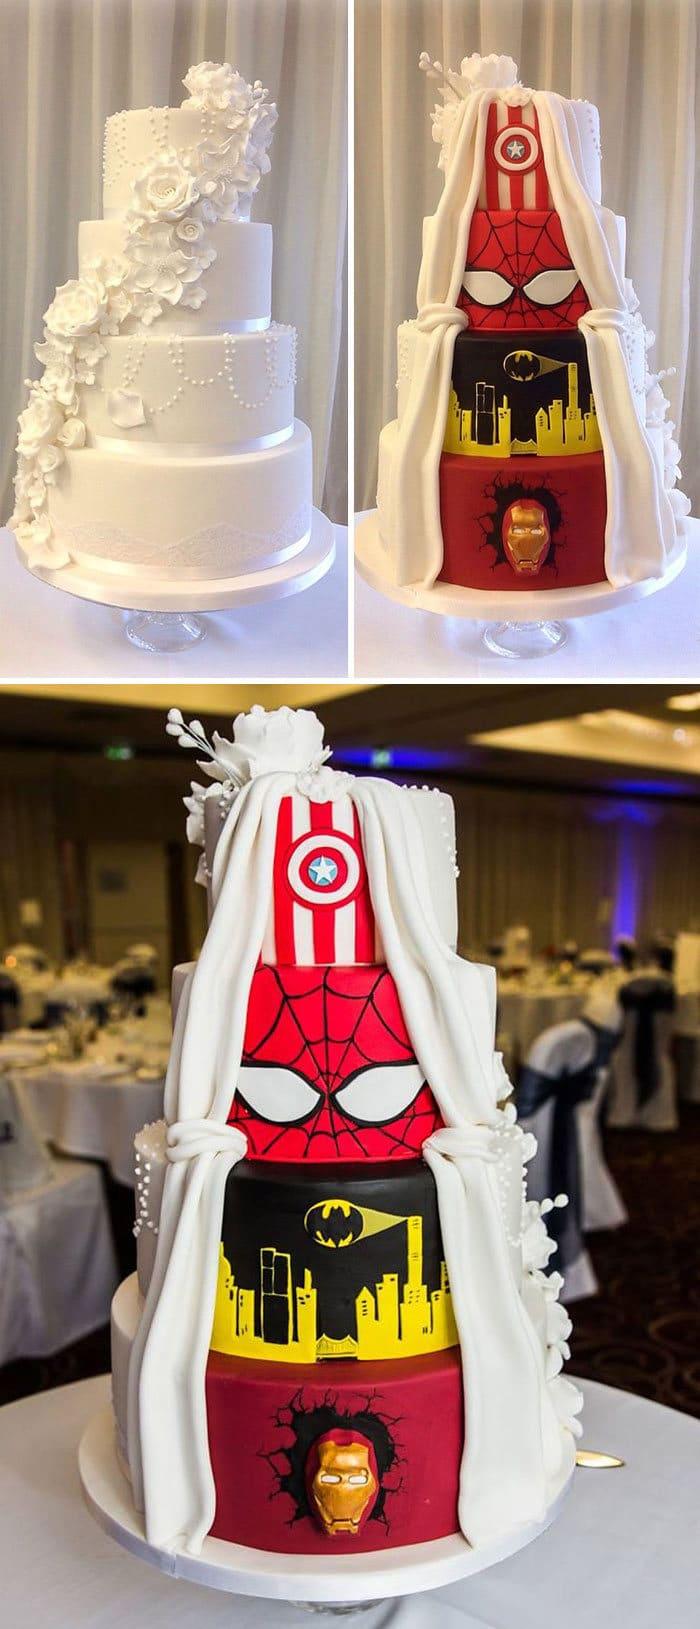 40 bolos de casamento criativos que parecem tão bons que roubaram o show 29